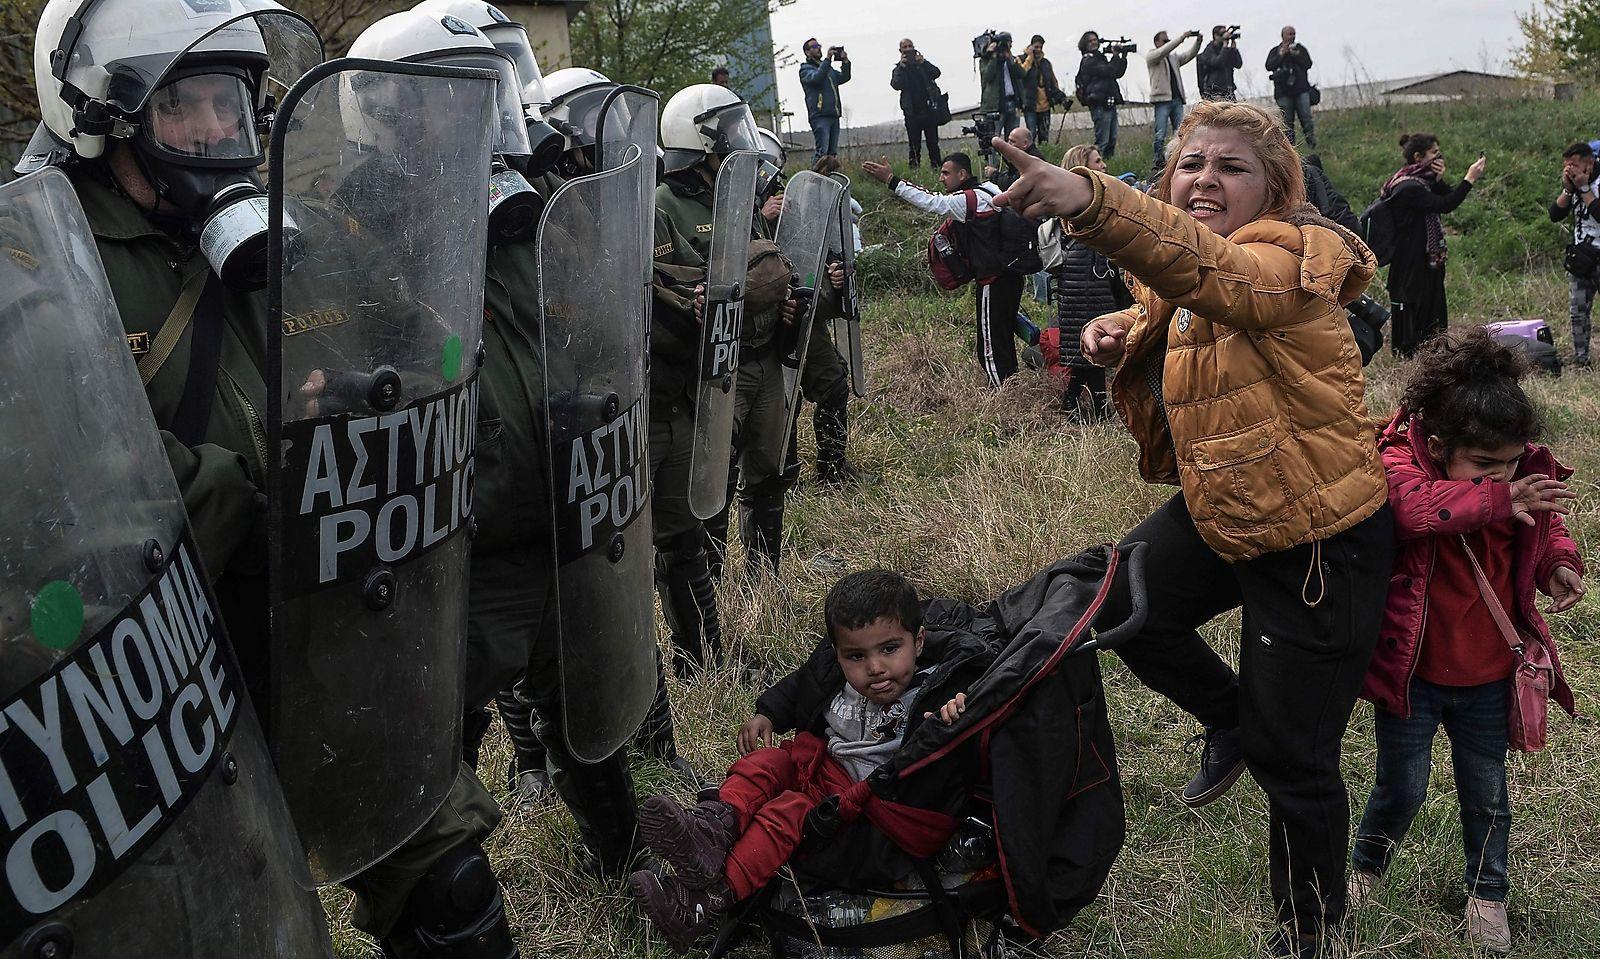 Frauen versuchen mit Kindern in vorderster Linie die Polizeisperren zu überwinden